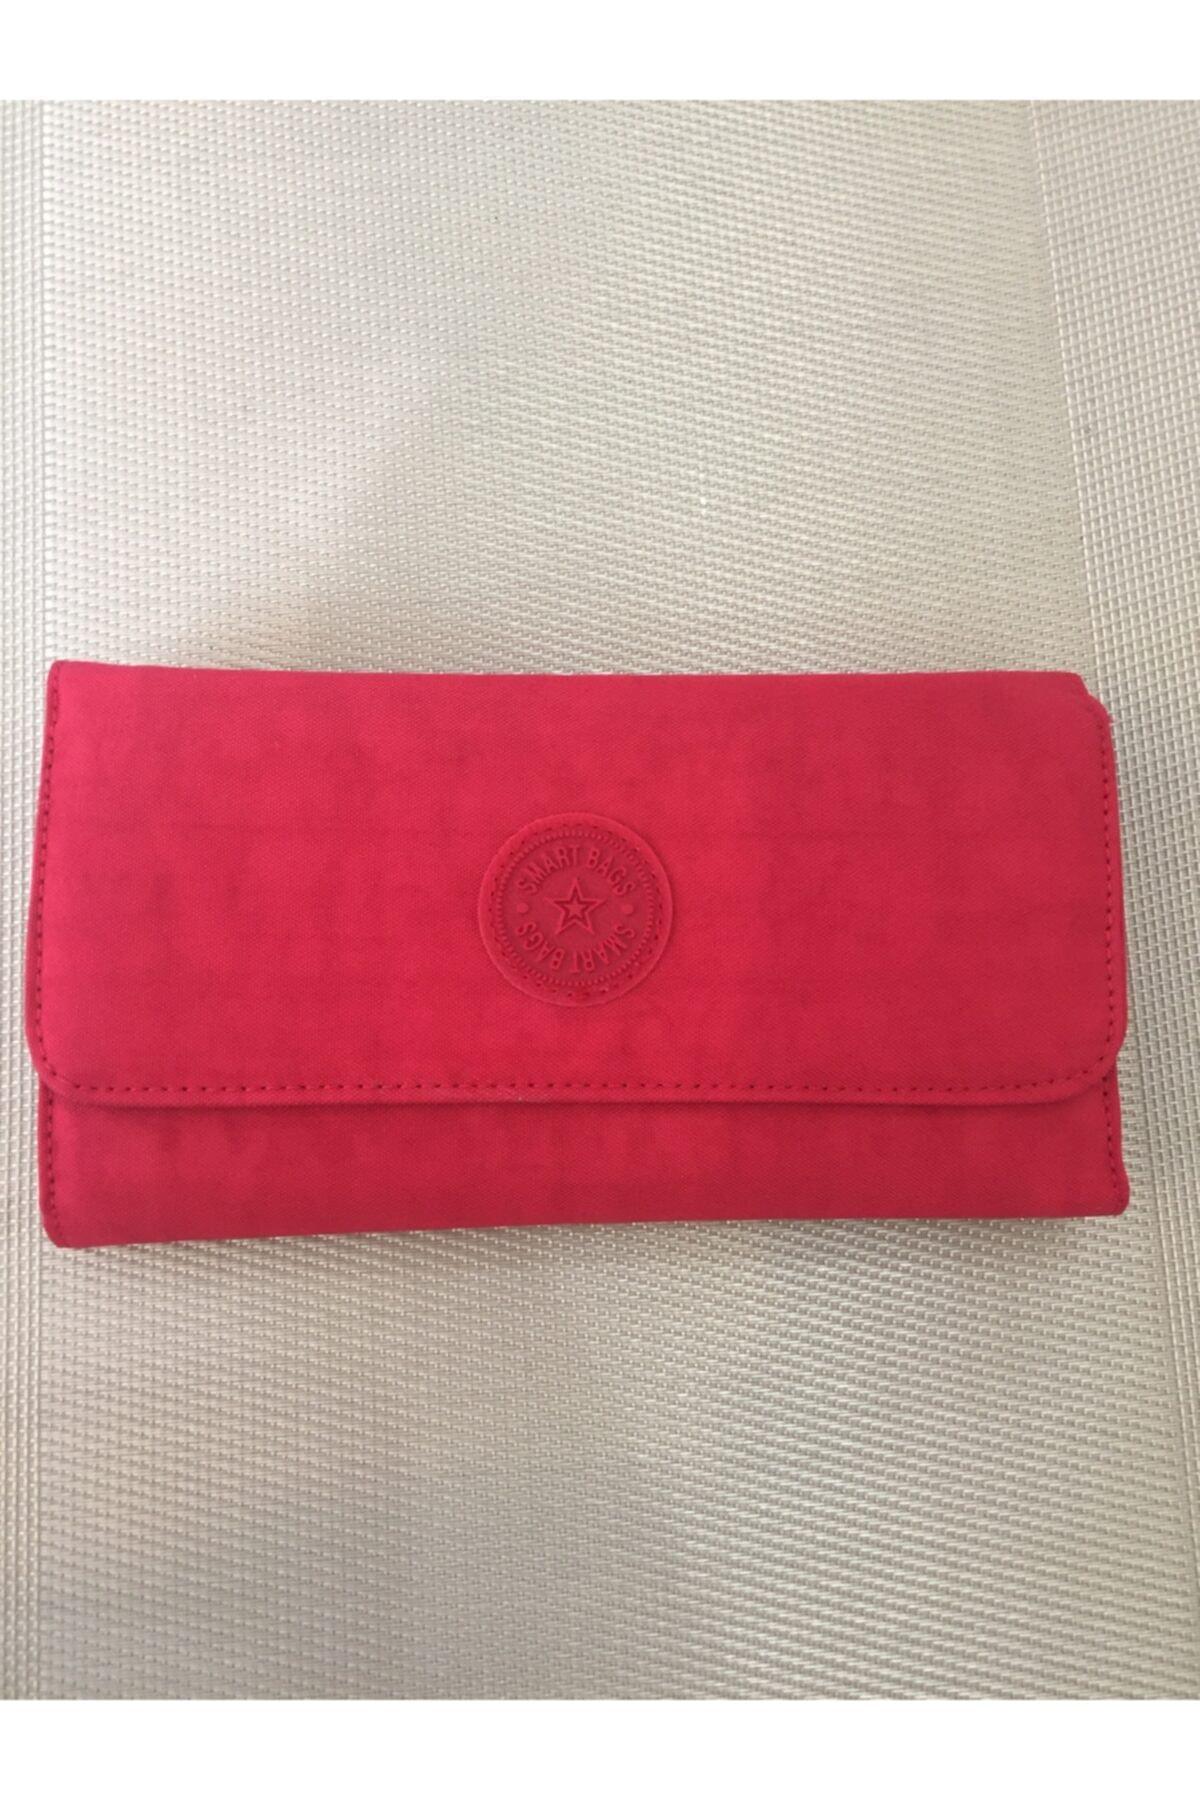 SMART BAGS Kadın Kırmızı El Çantası 1